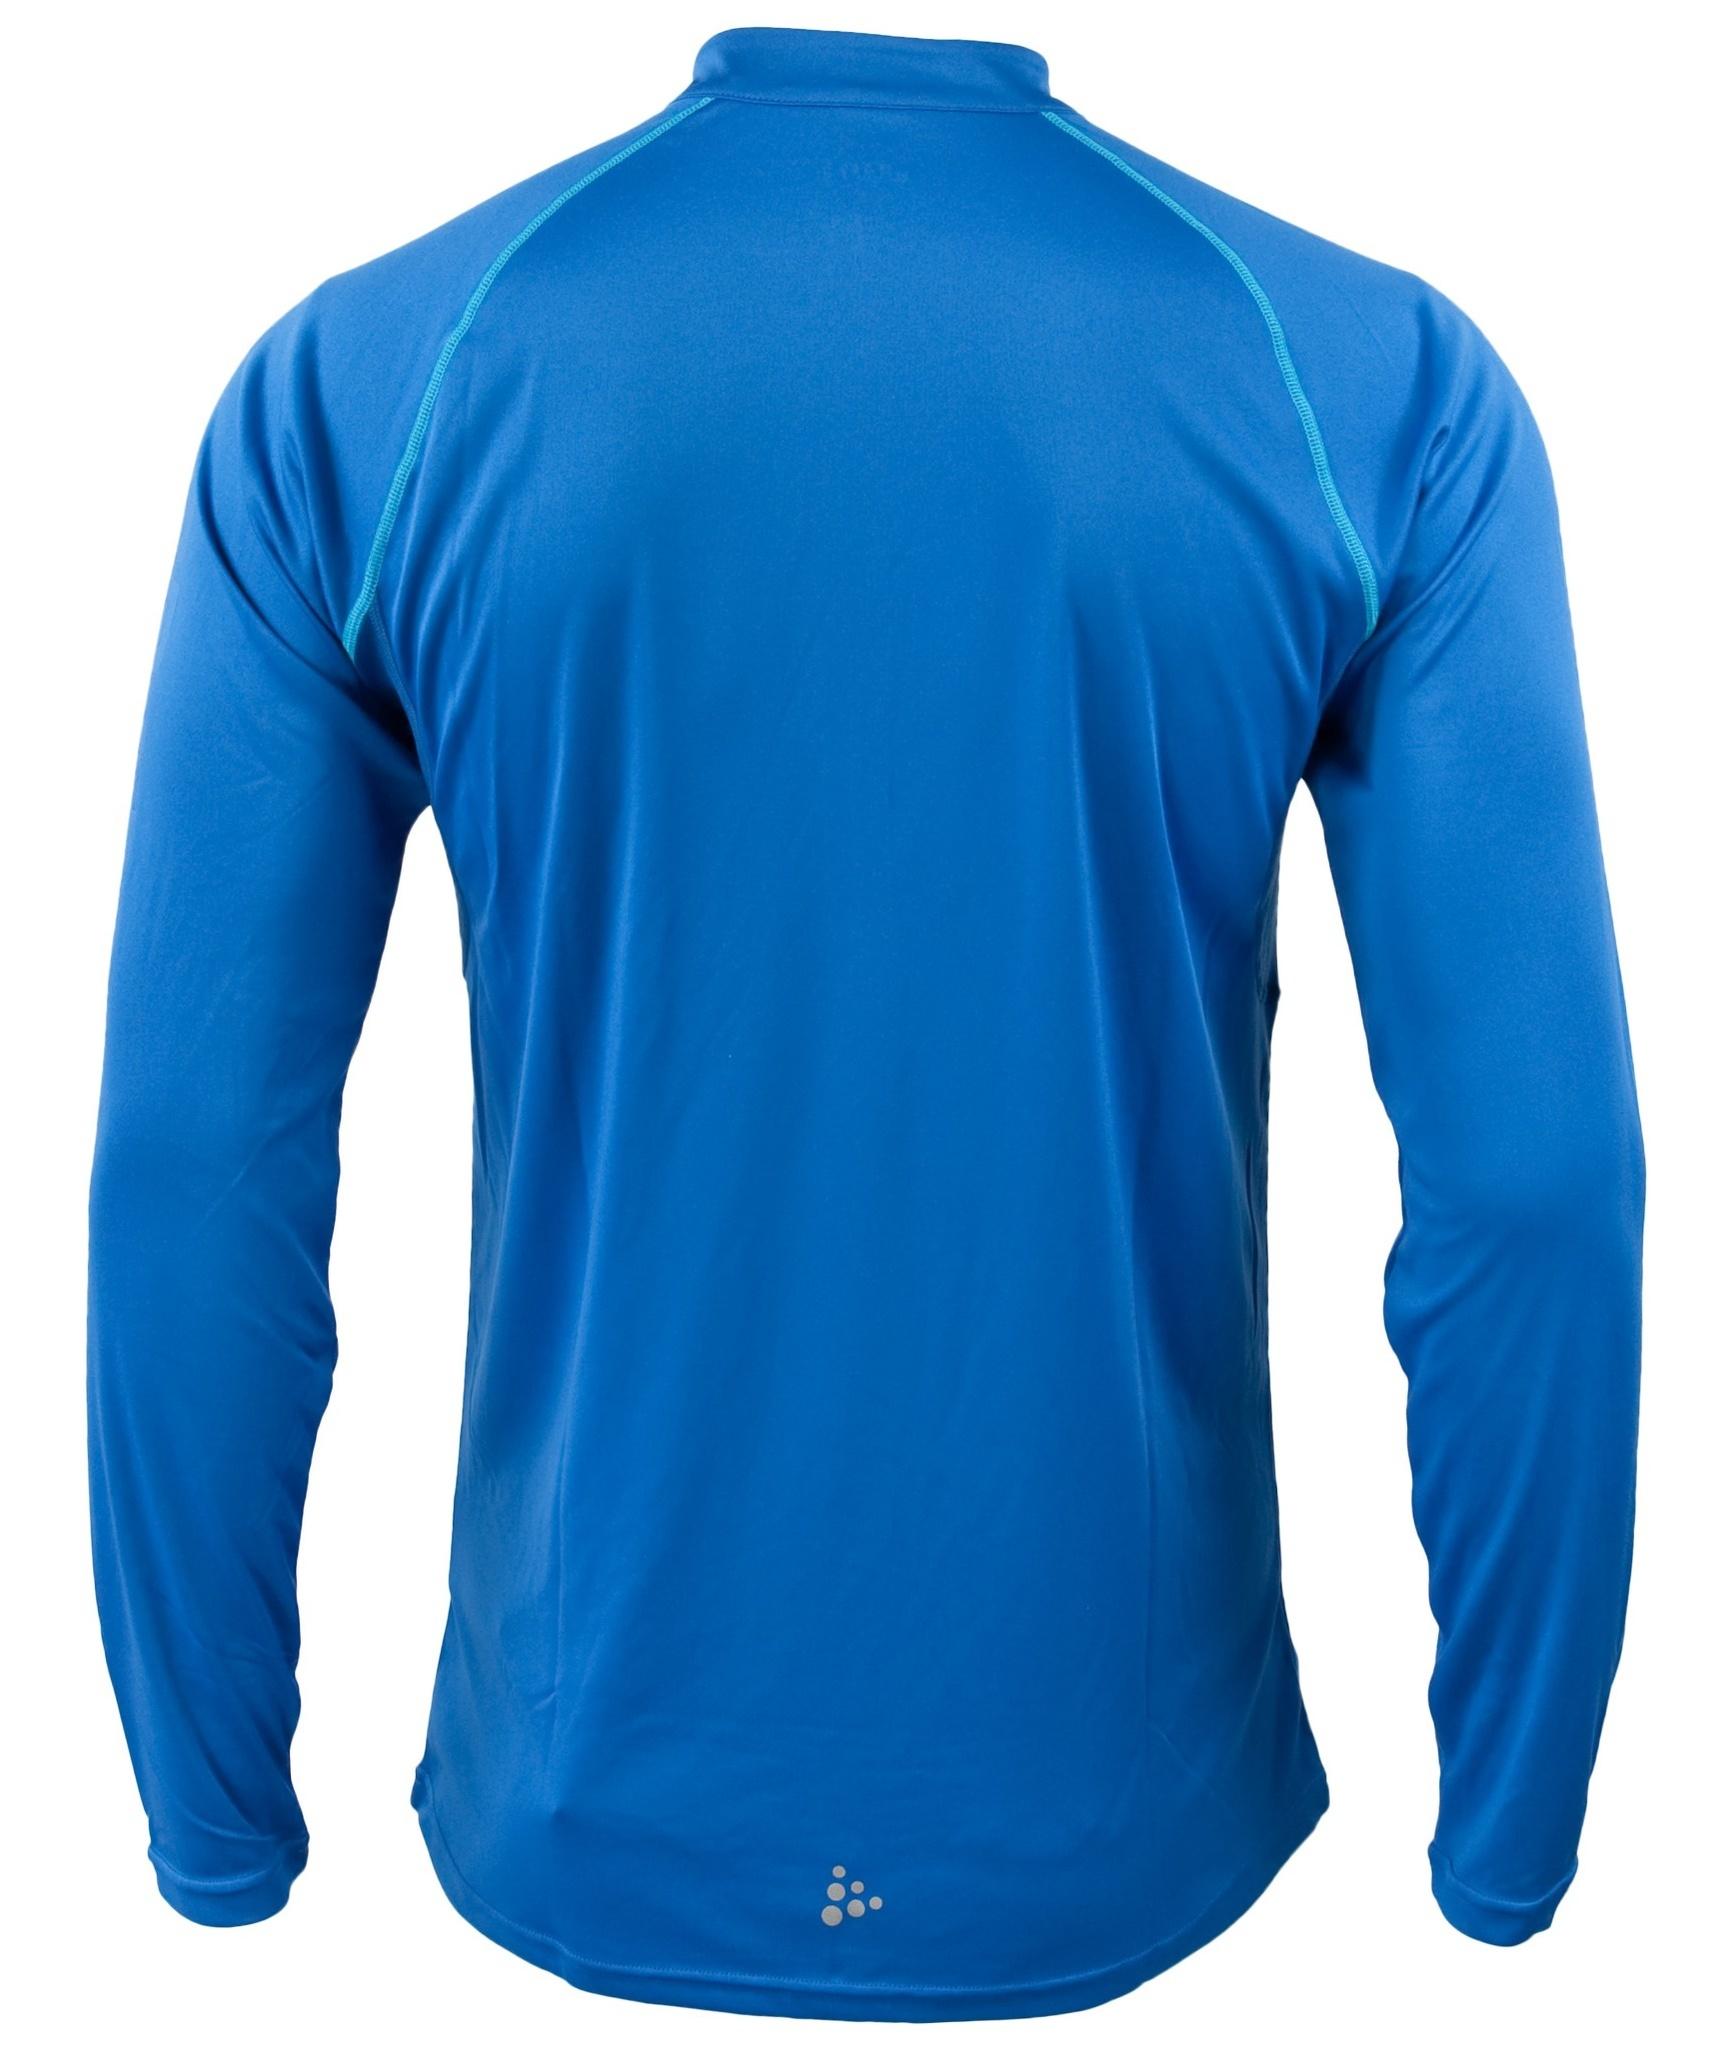 Мужская спортивная рубашка Craft Prime Run 1902495-2345 фото